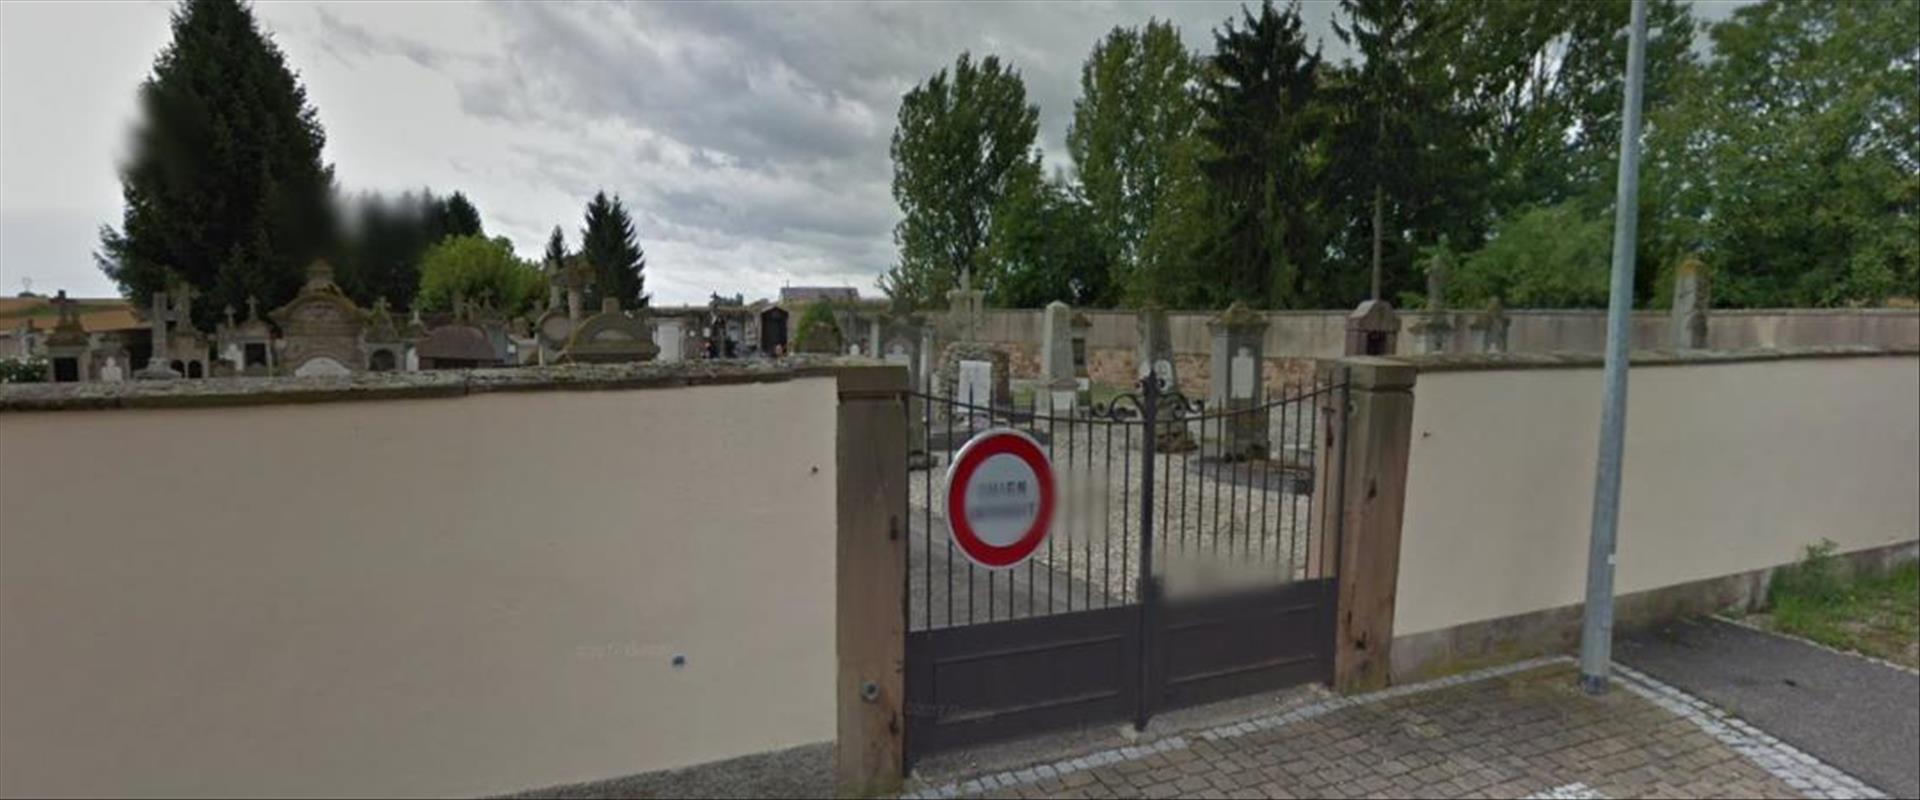 בית הקברות שבו חוללו הקברים